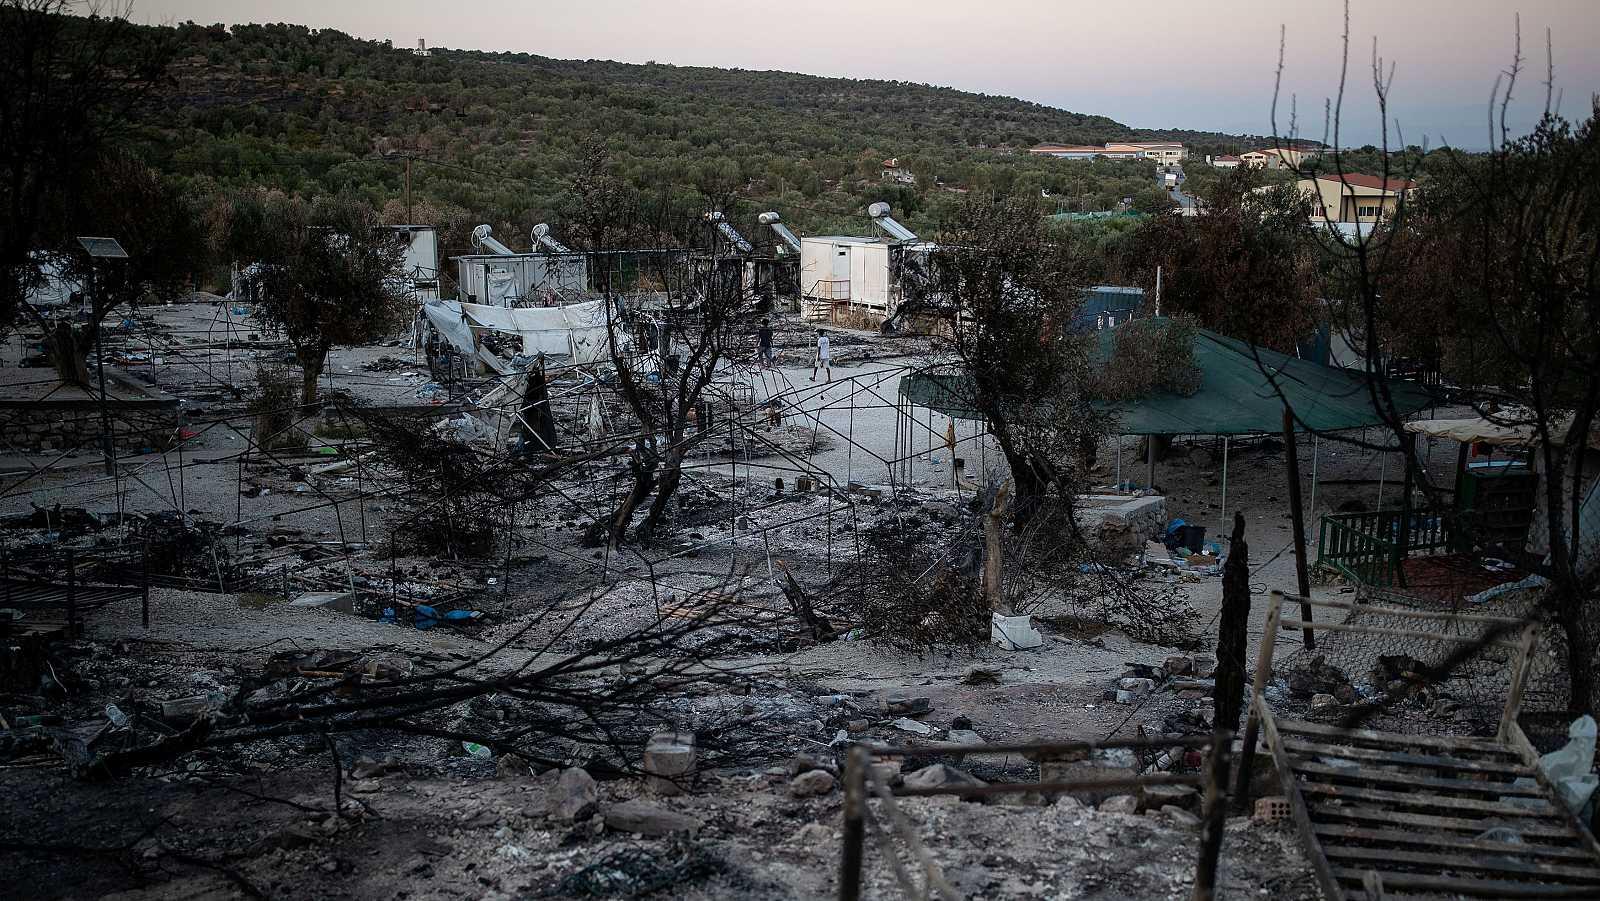 Campo de refugiados de Moria, en la isla griega de Lesbos, tras el incendio del pasado miércoles.